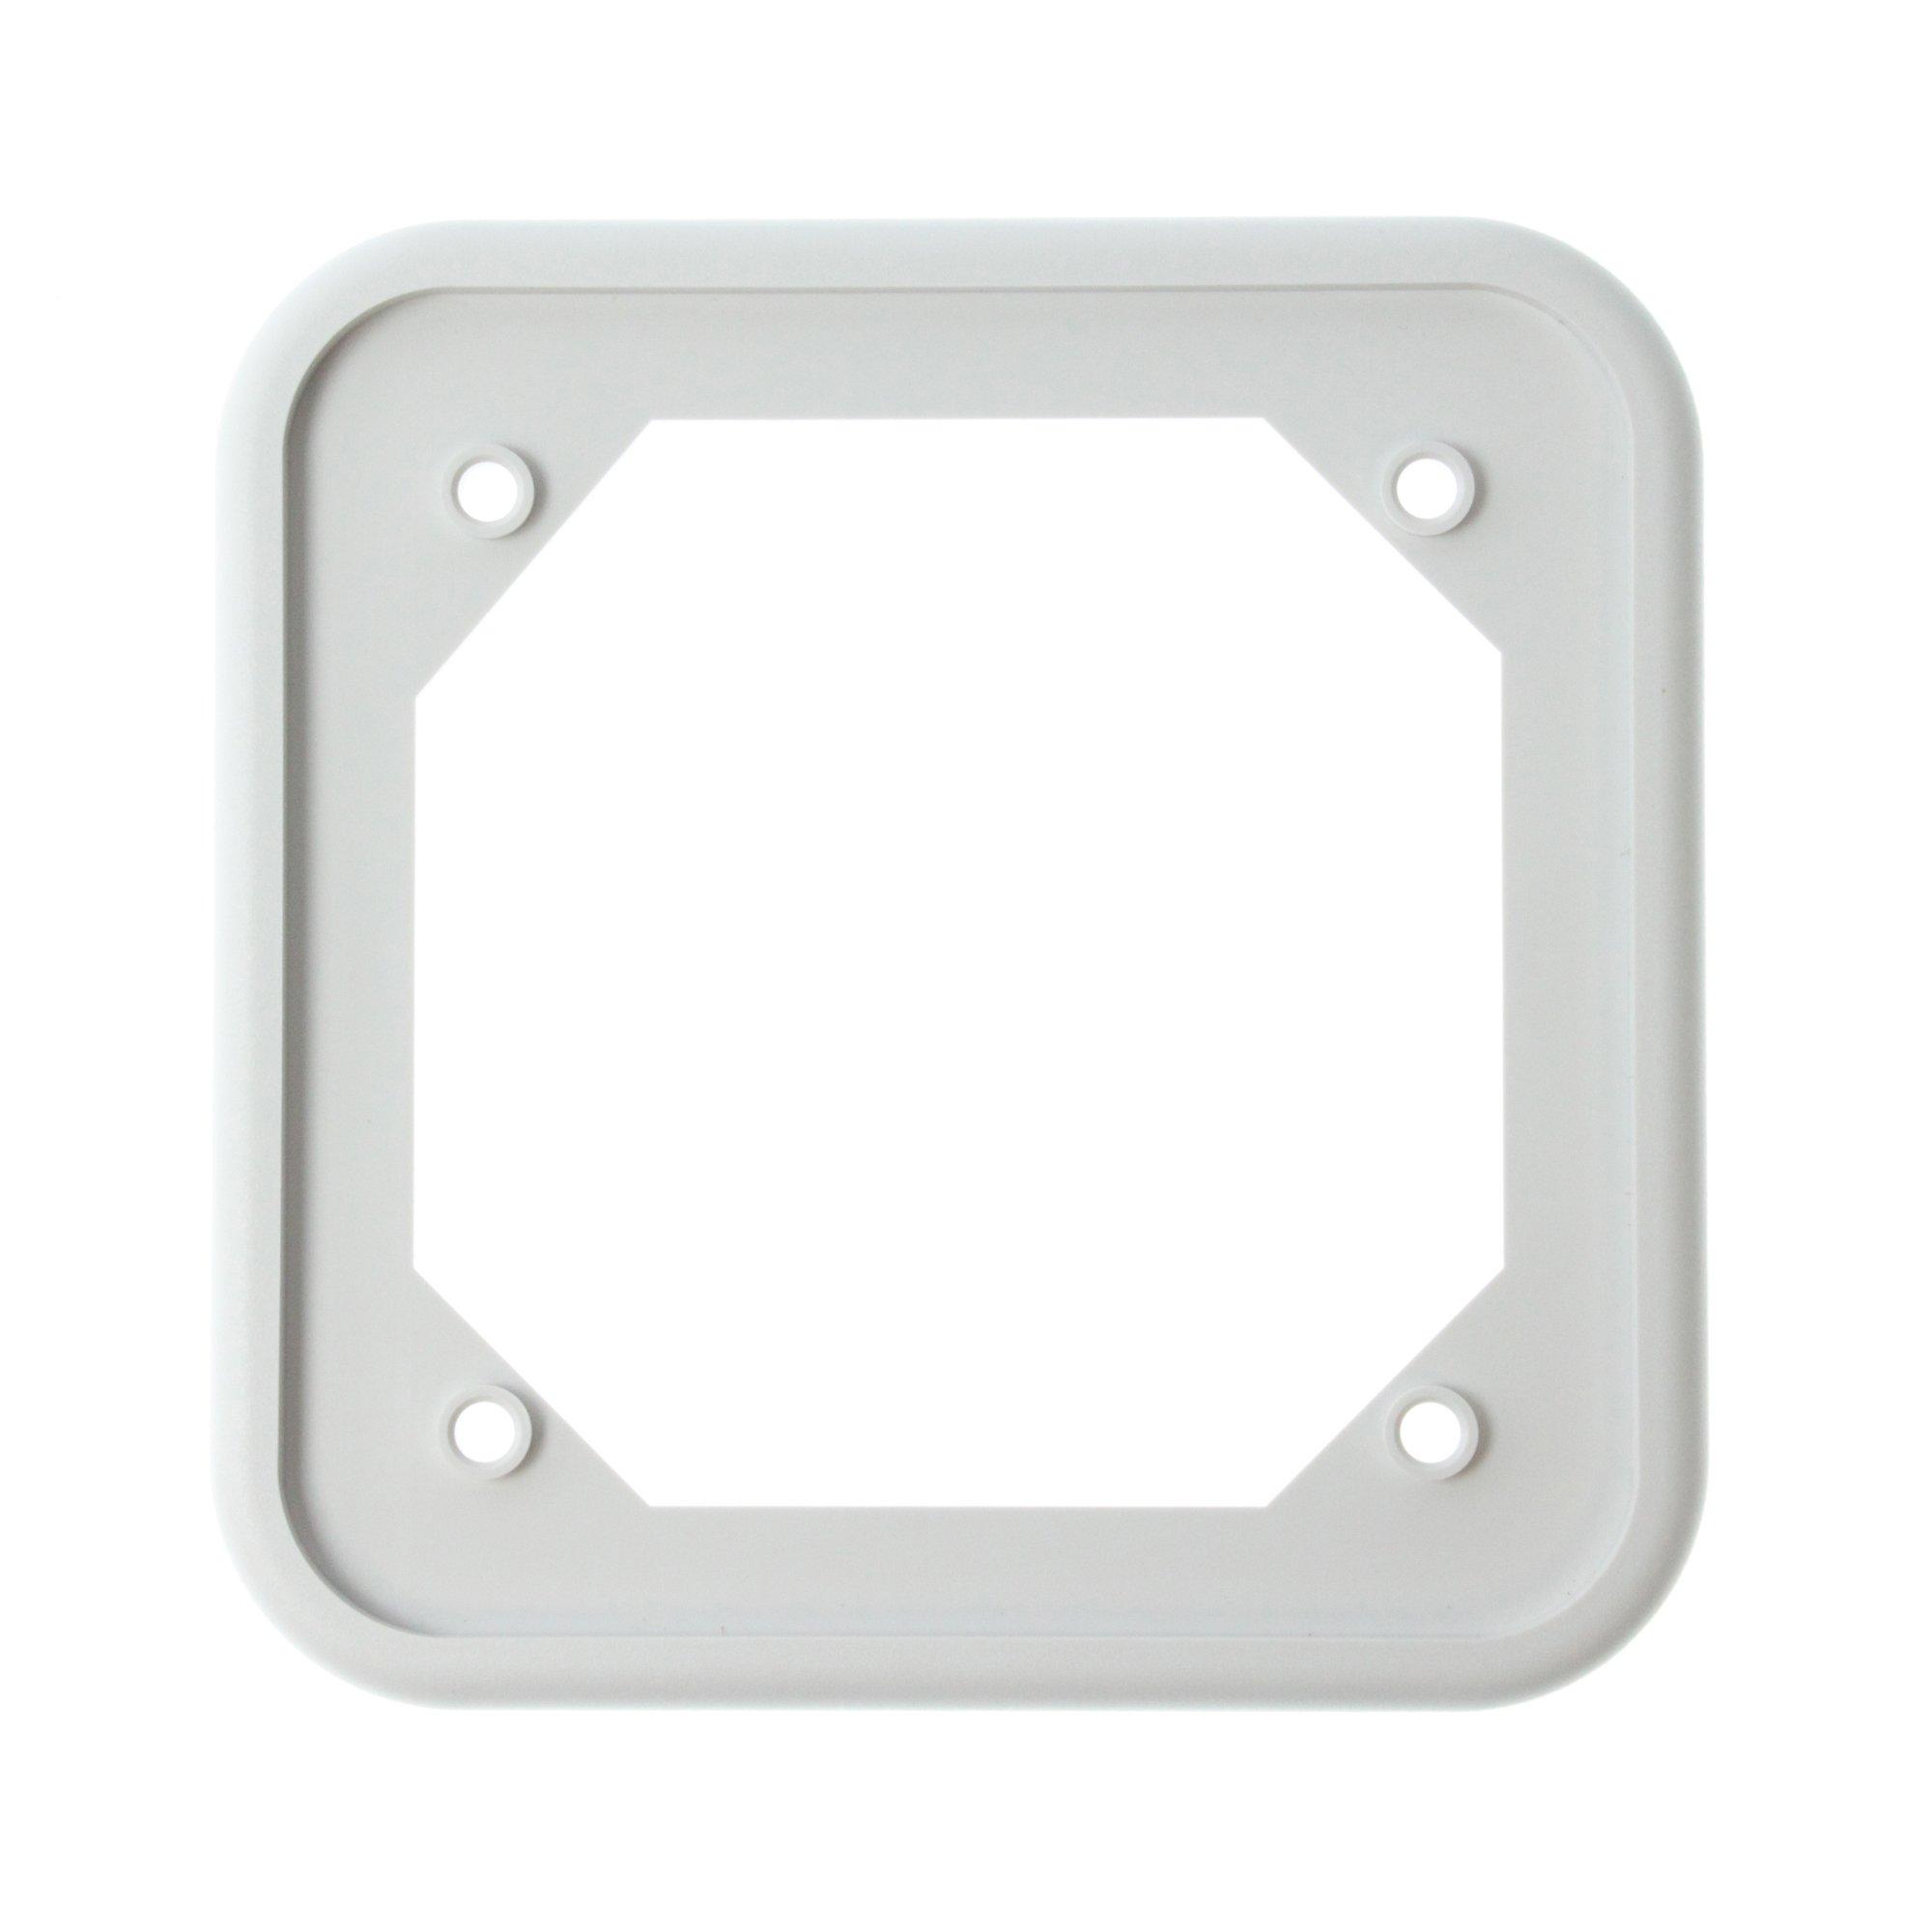 System Sensor BBS-SP201W Surface Mount Back-Box Skirt for PF24V, White